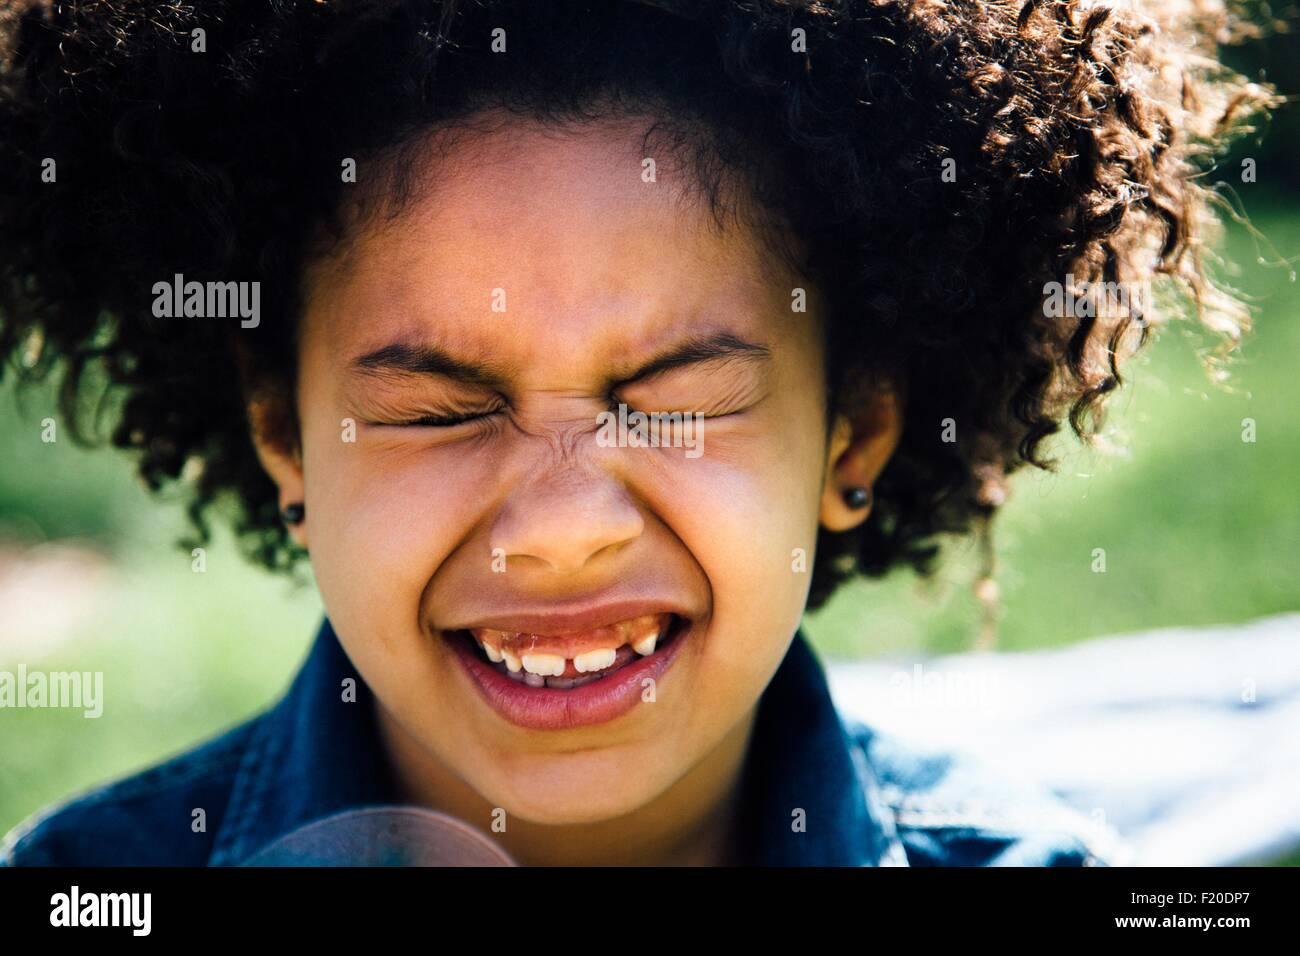 Close up ritratto di ragazza con gli occhi chiusi tirando la faccia Immagini Stock